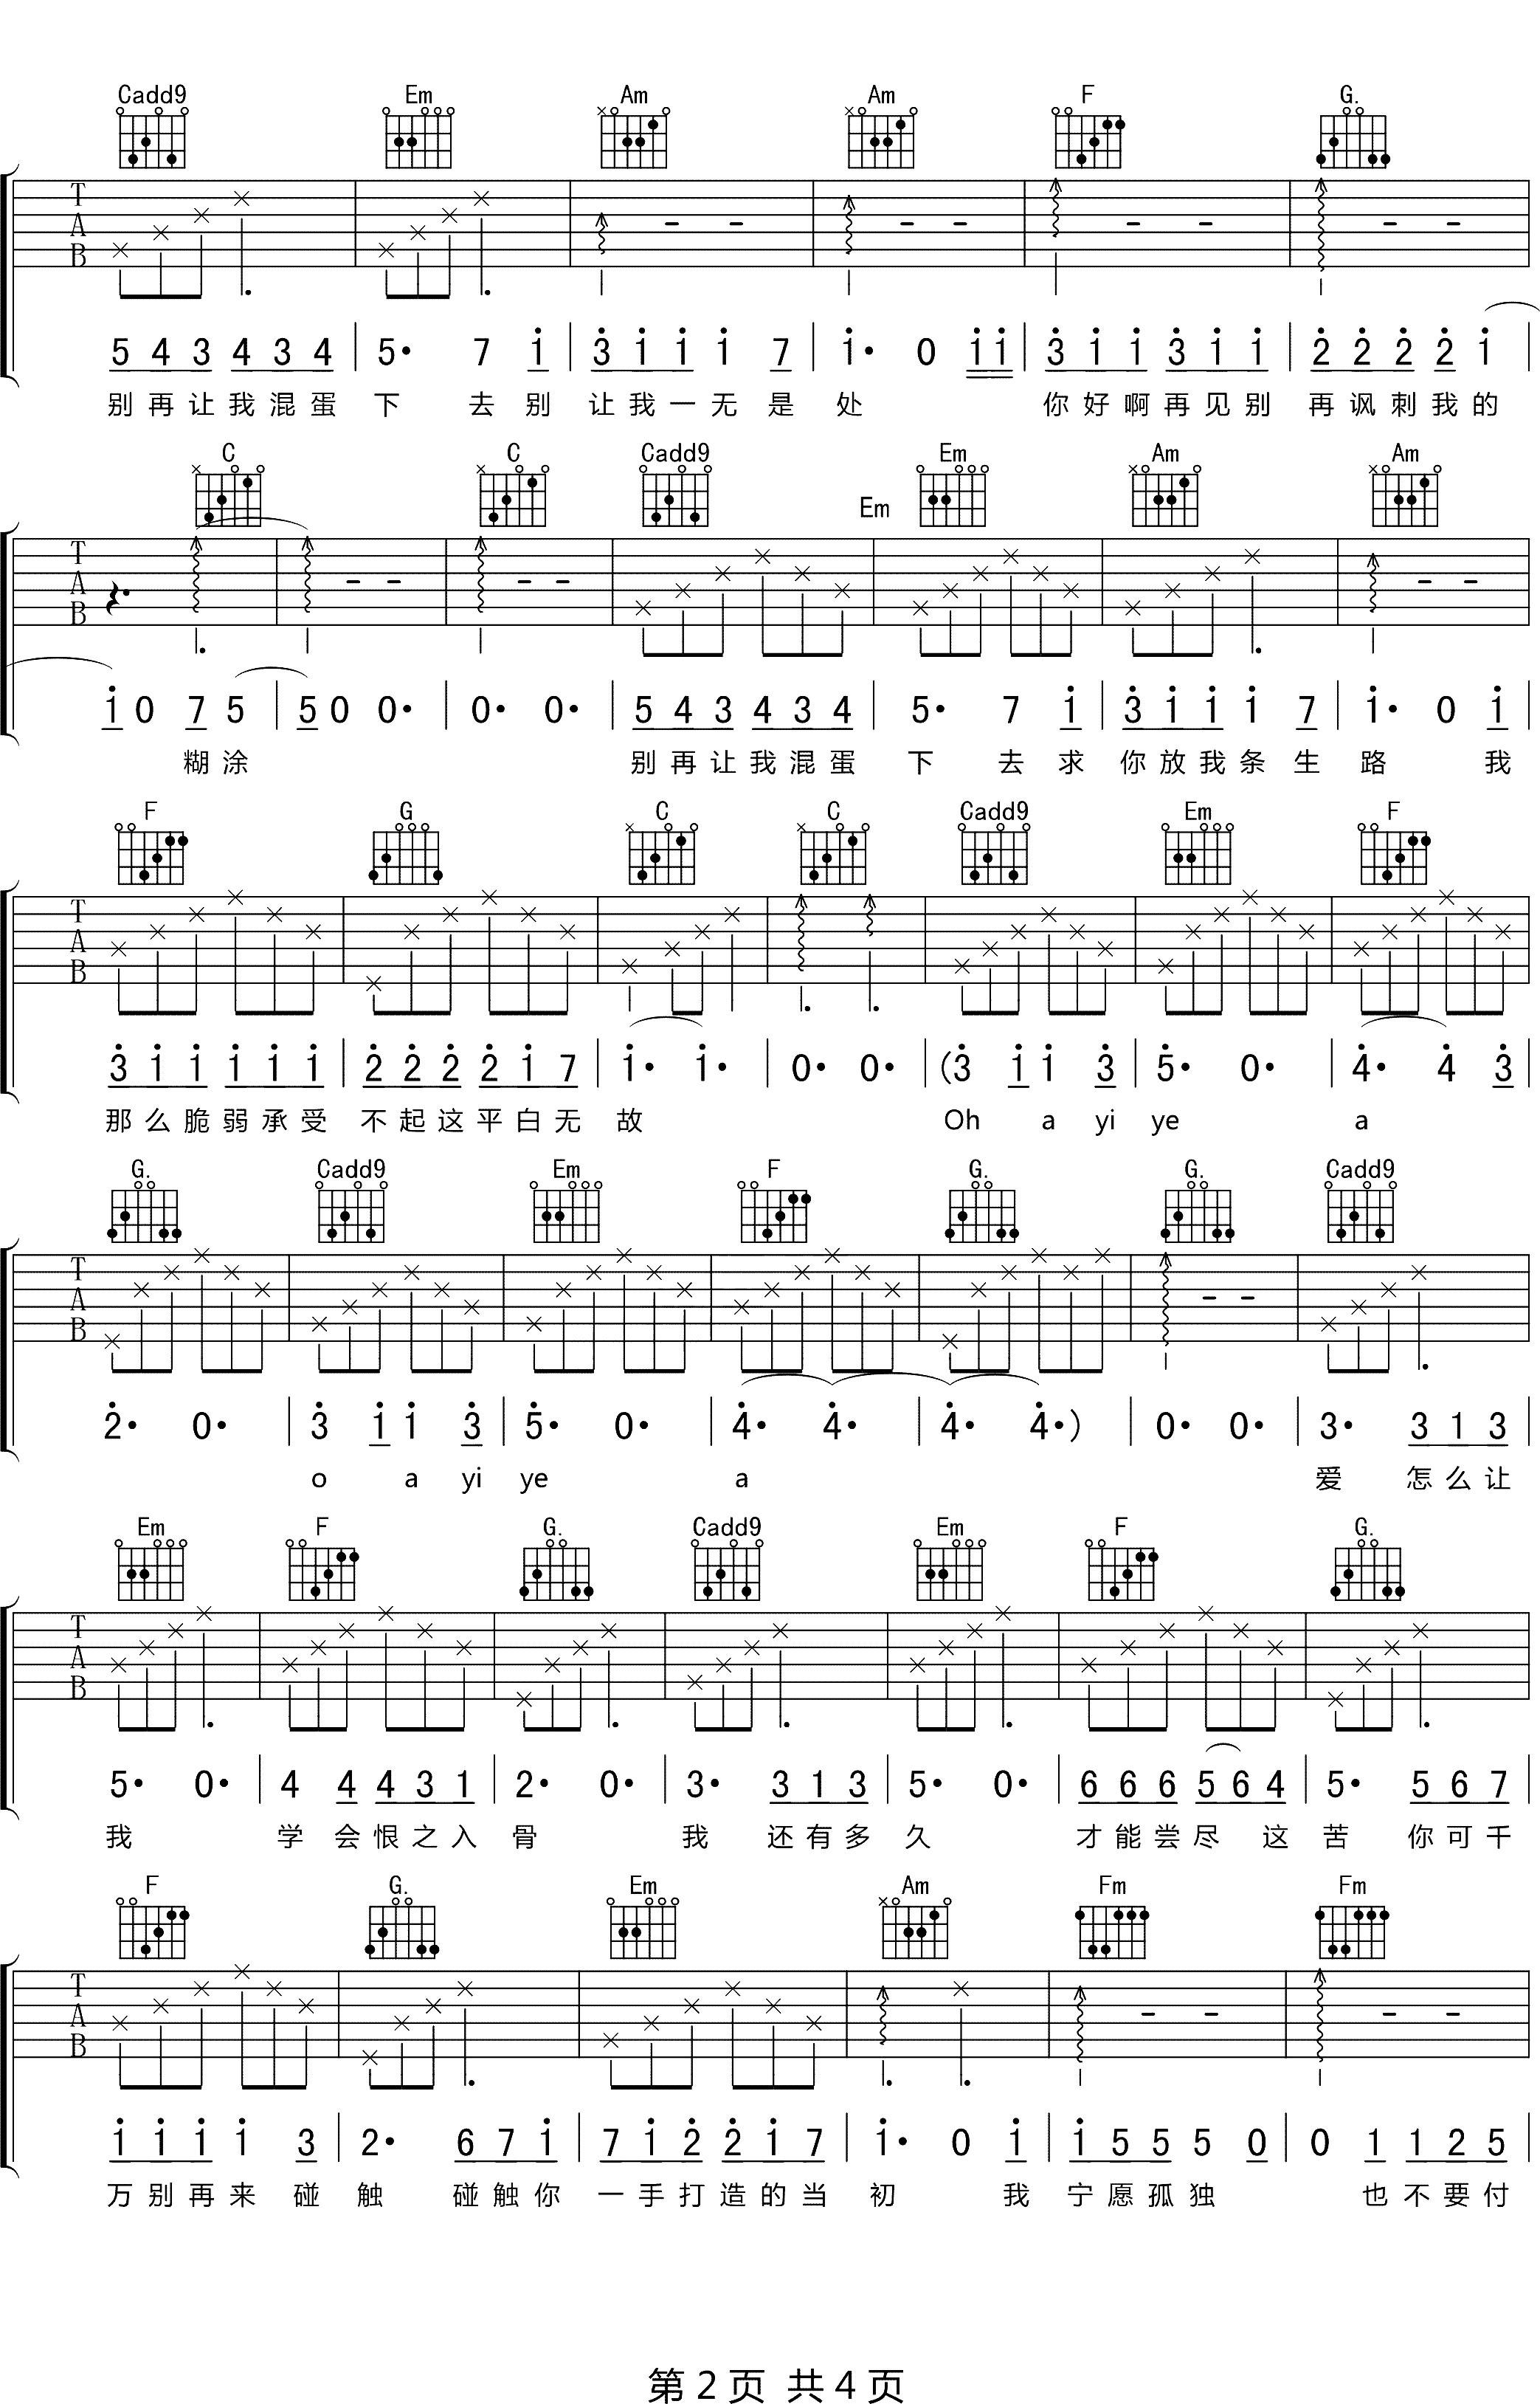 焦迈奇《混蛋》吉他谱 C调吉他弹唱谱2